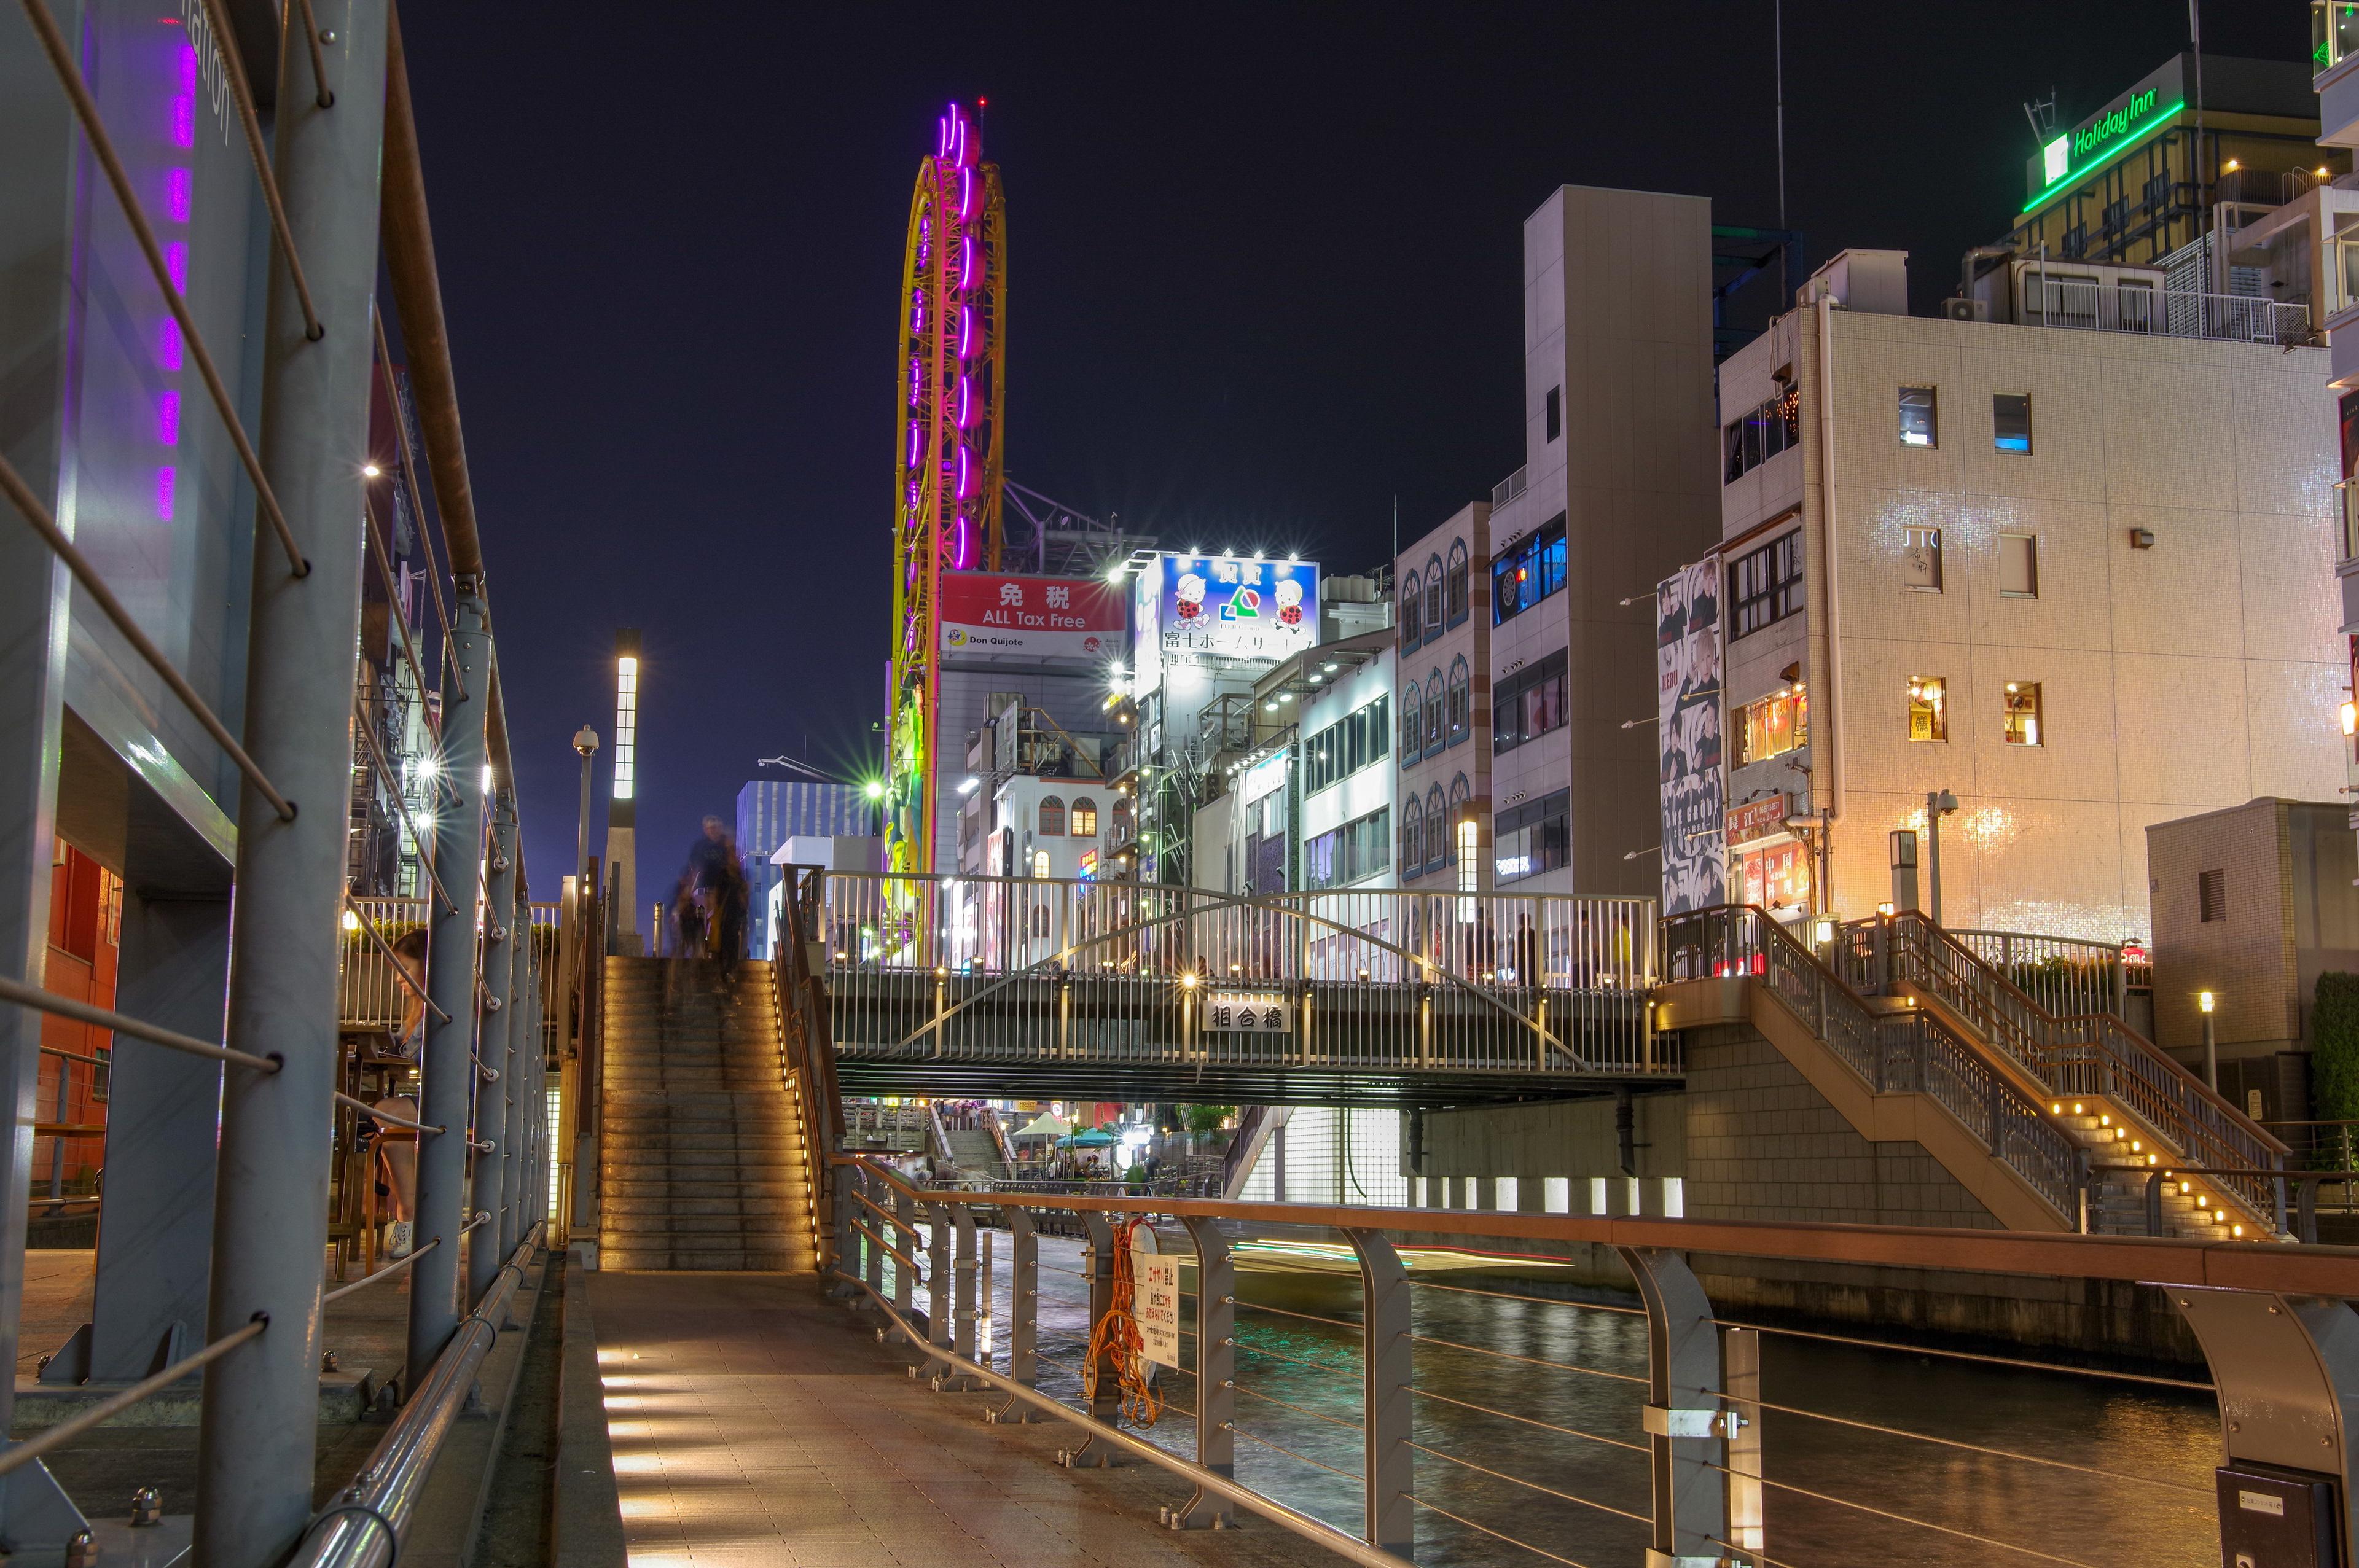 Osaka Big Bridge - 相合橋